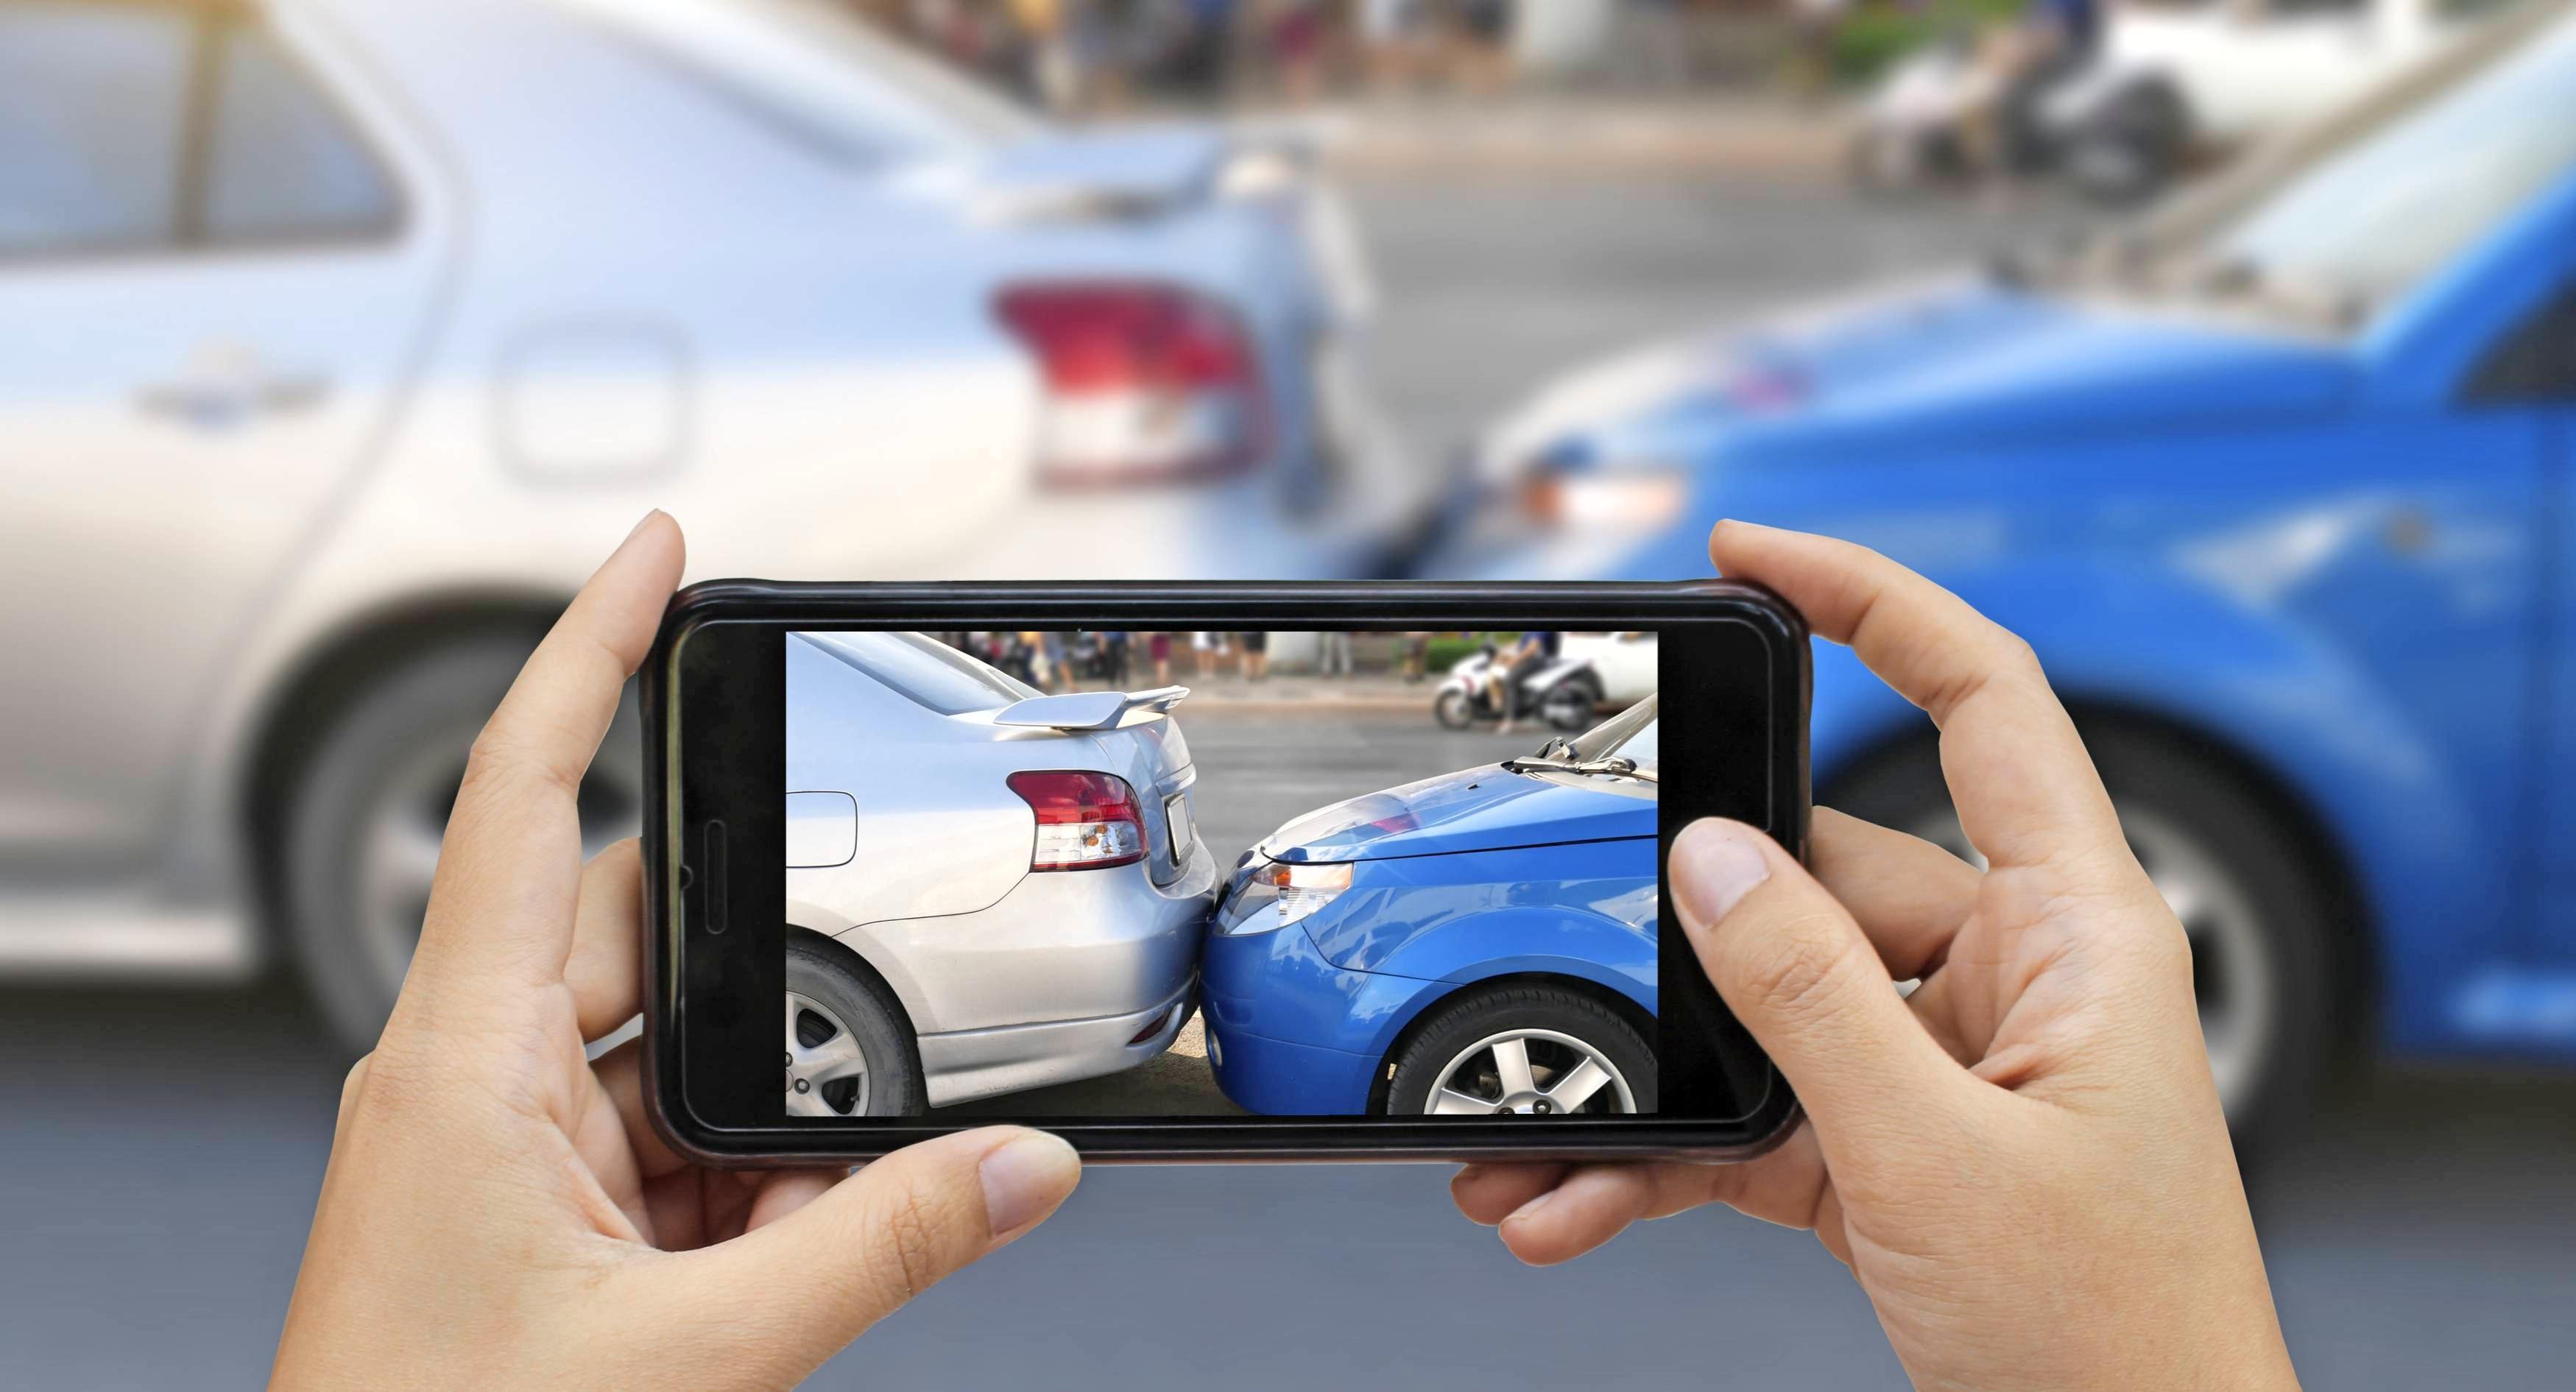 Den Unfall mit eigenen Fotos zu dokumentieren, kann hilfreich sein. Dank Smartphones ist das heute viel leichter als früher. Fotos: pairhandmade/stockadobe.com